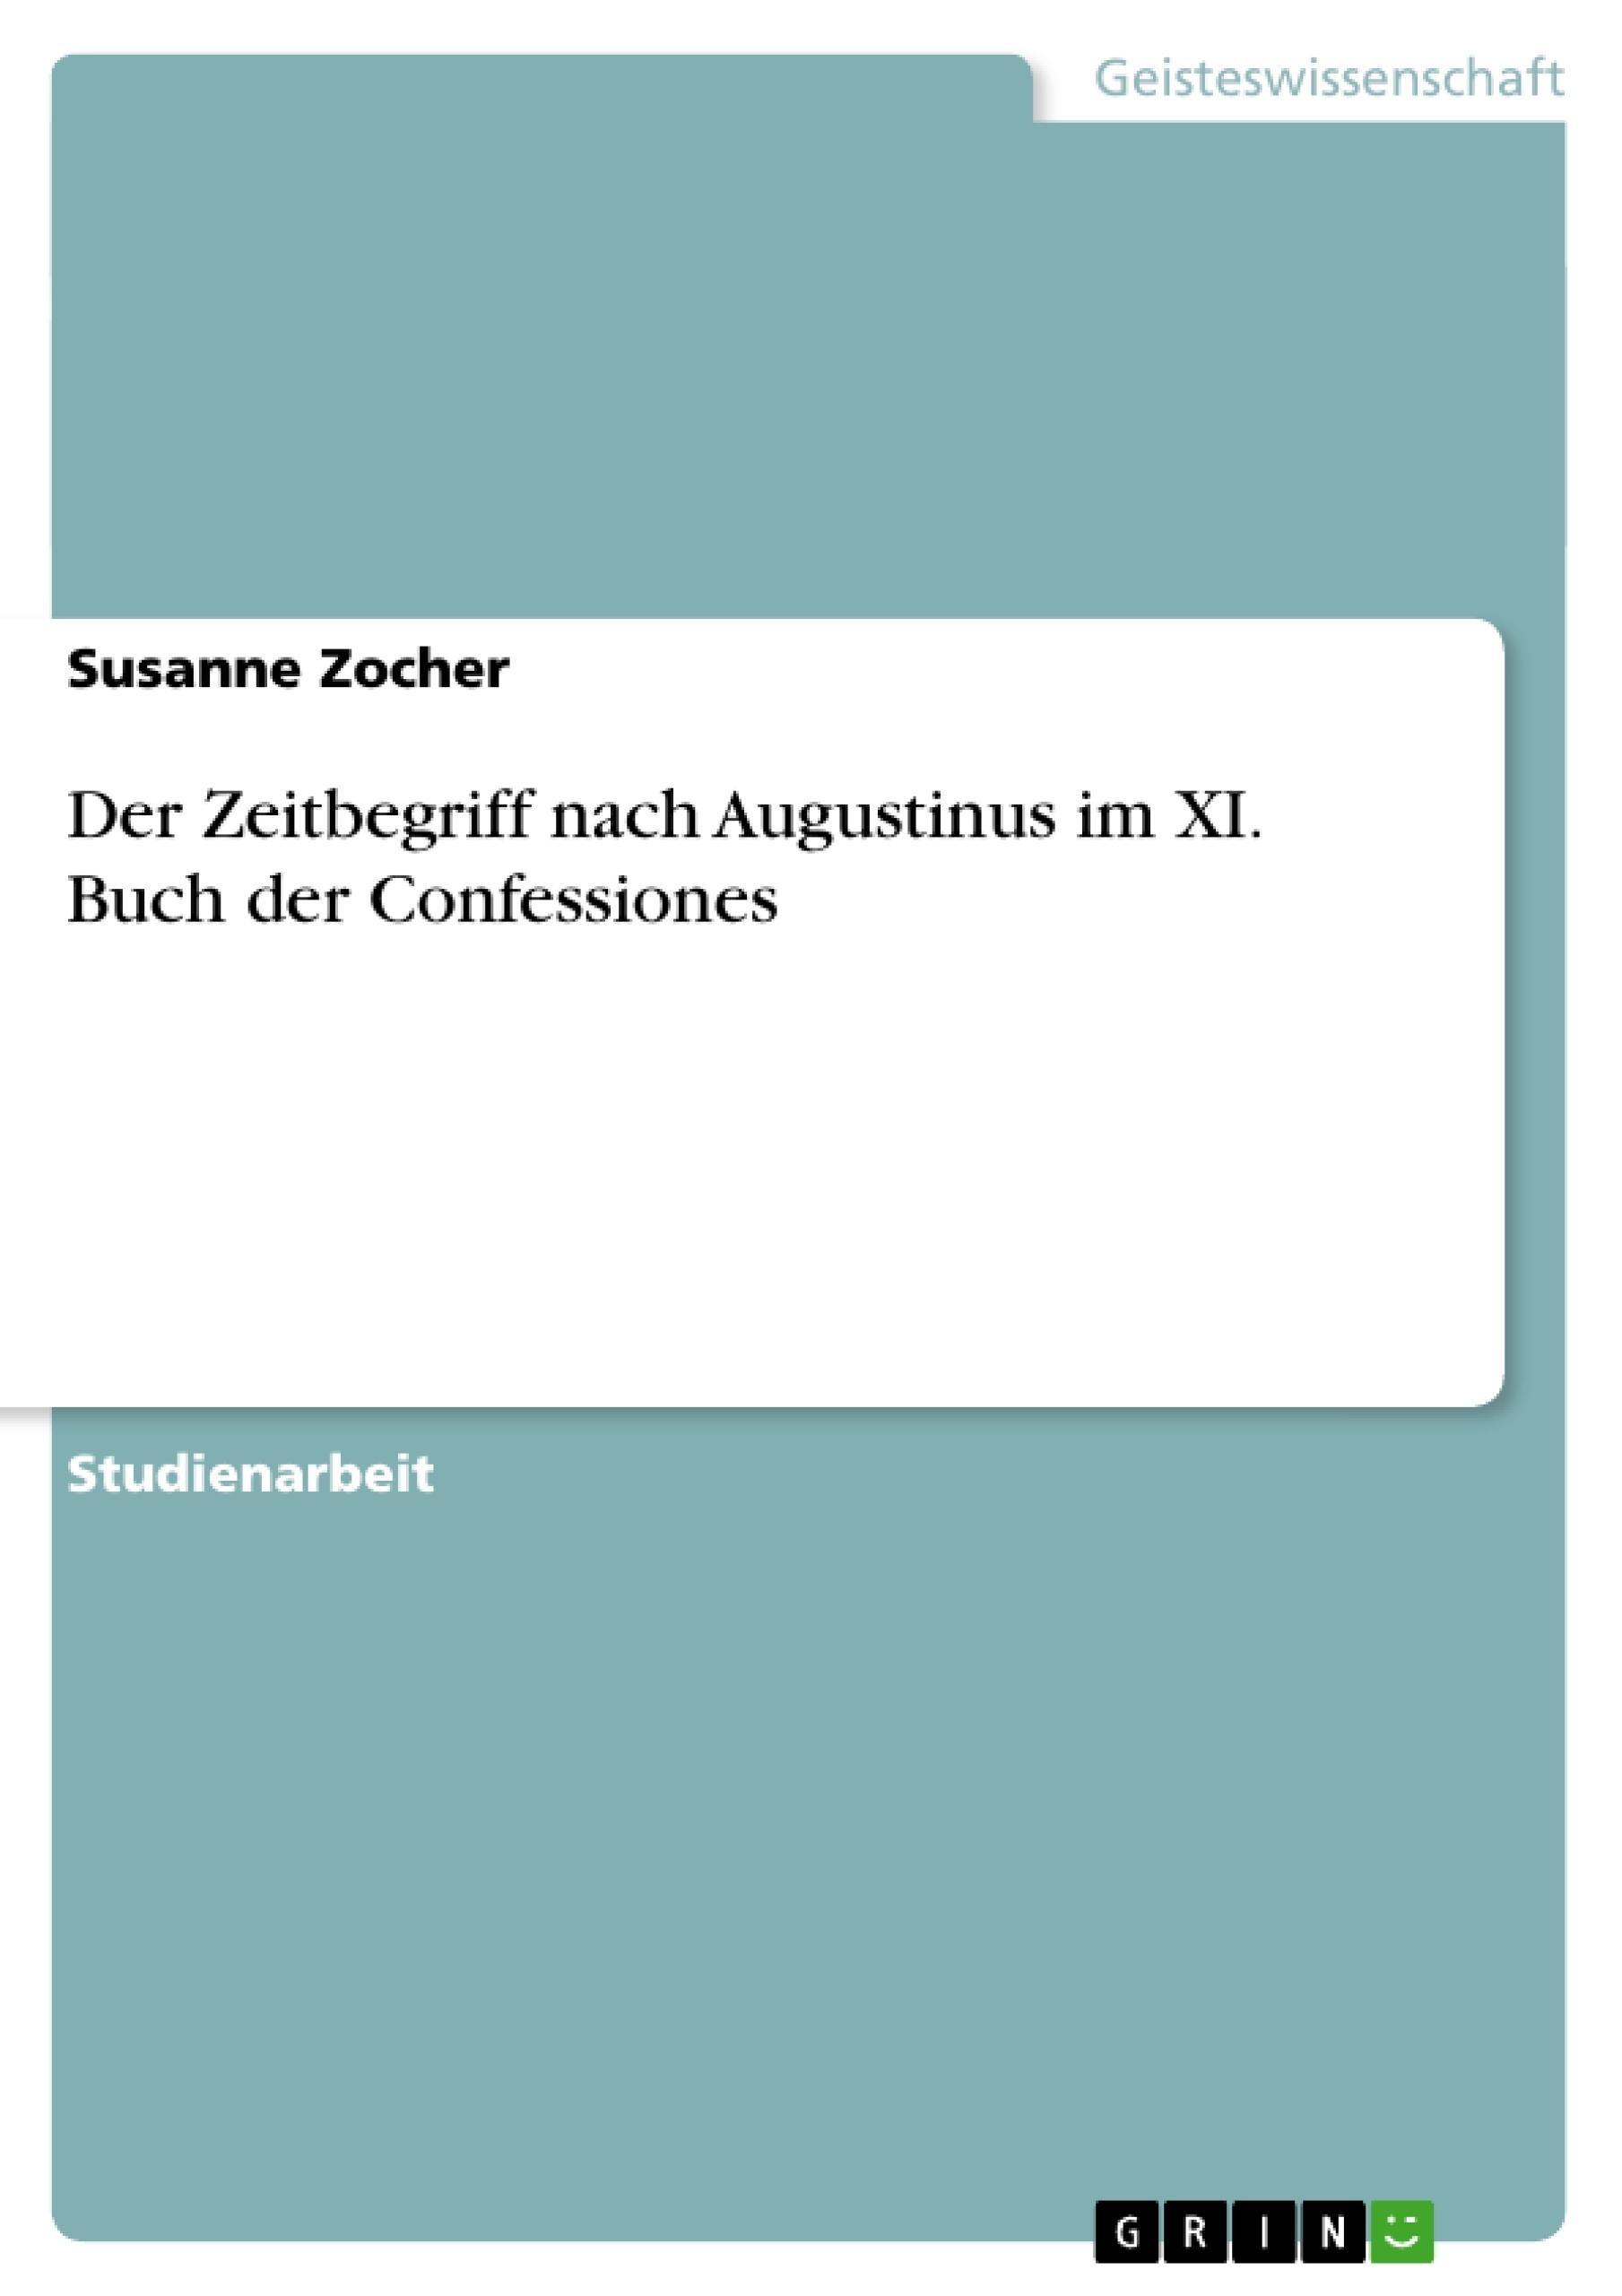 Titel: Der Zeitbegriff nach Augustinus im XI. Buch der Confessiones